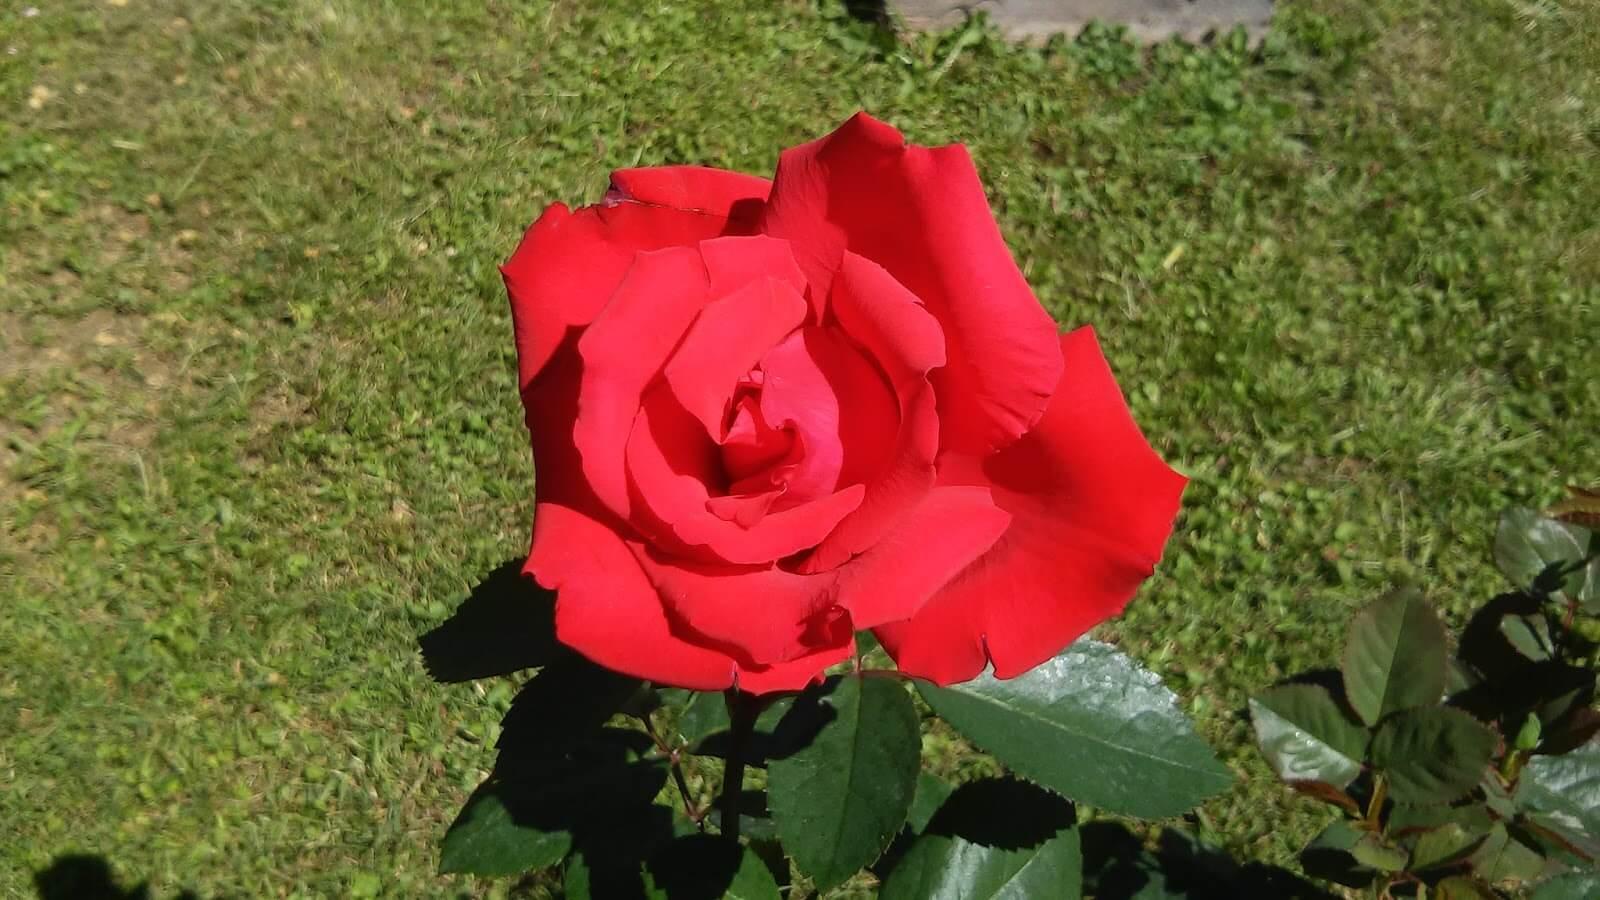 Роза чг супер гранд аморе, grande amore - описание сорта, отзывы, фото | о розе